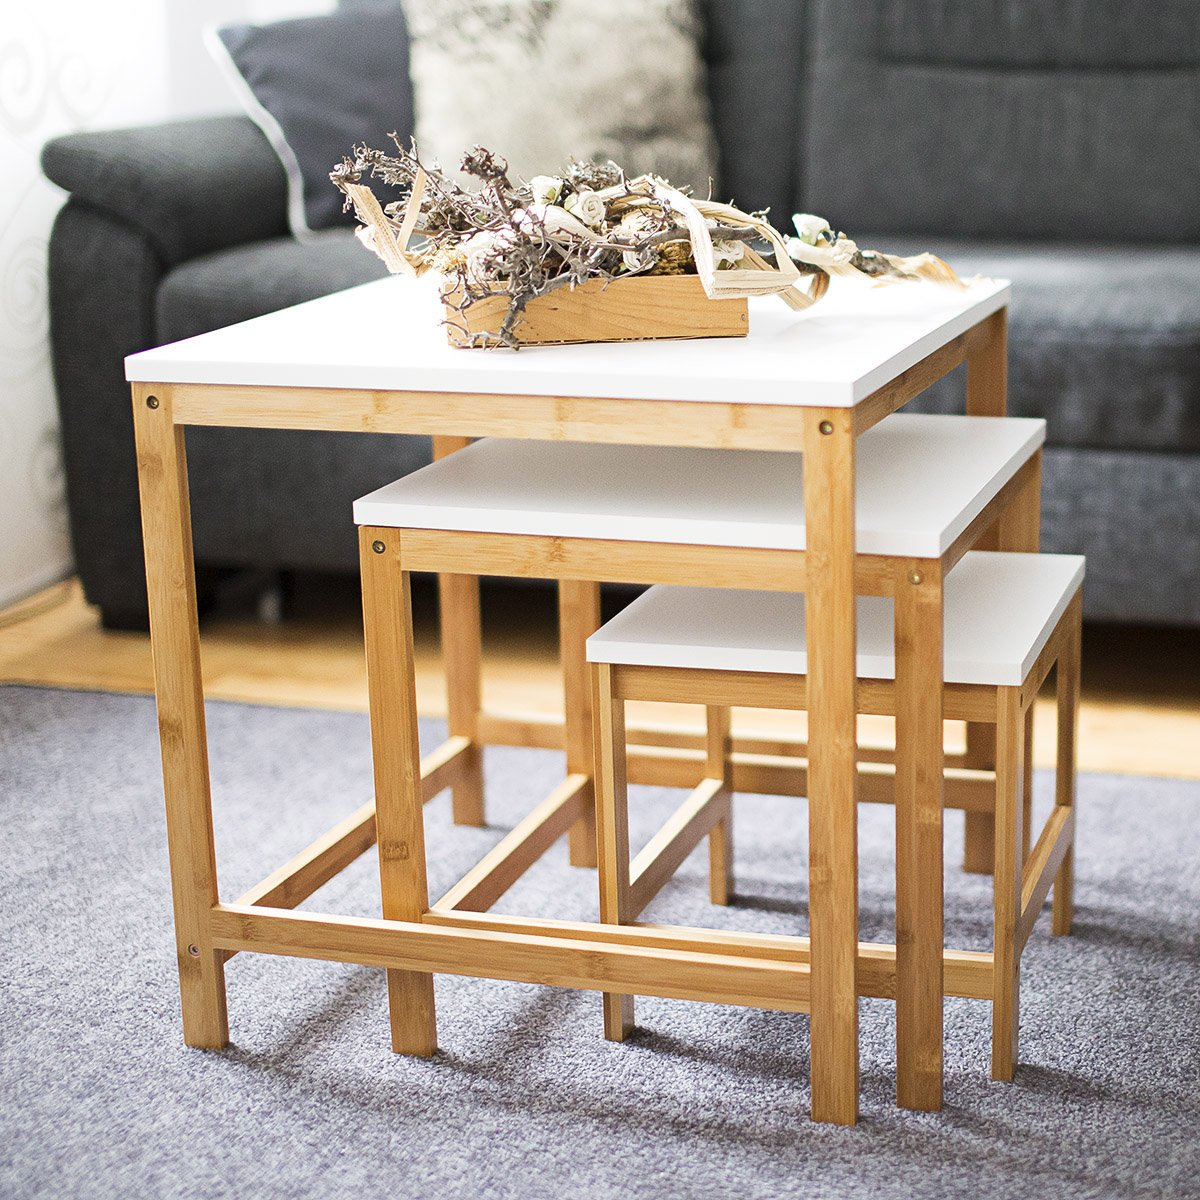 Faszinierend Wohnzimmertisch Holz Galerie Von Relaxdays Beistelltisch Bamboo 3-satztisch Holz- & Weiss